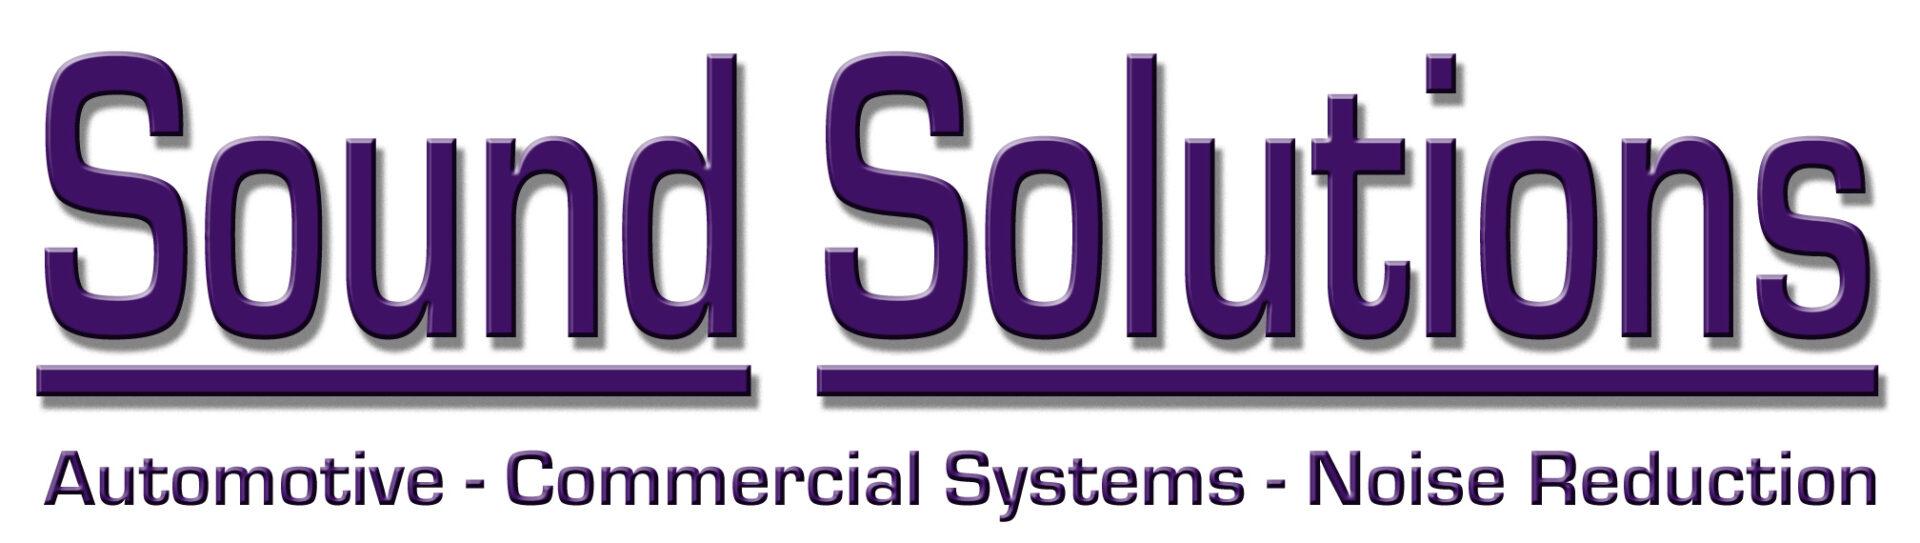 9e20a451-36ef-48f4-afe9-d841fad329f8SoSol 19 linear logo 2 trans copy